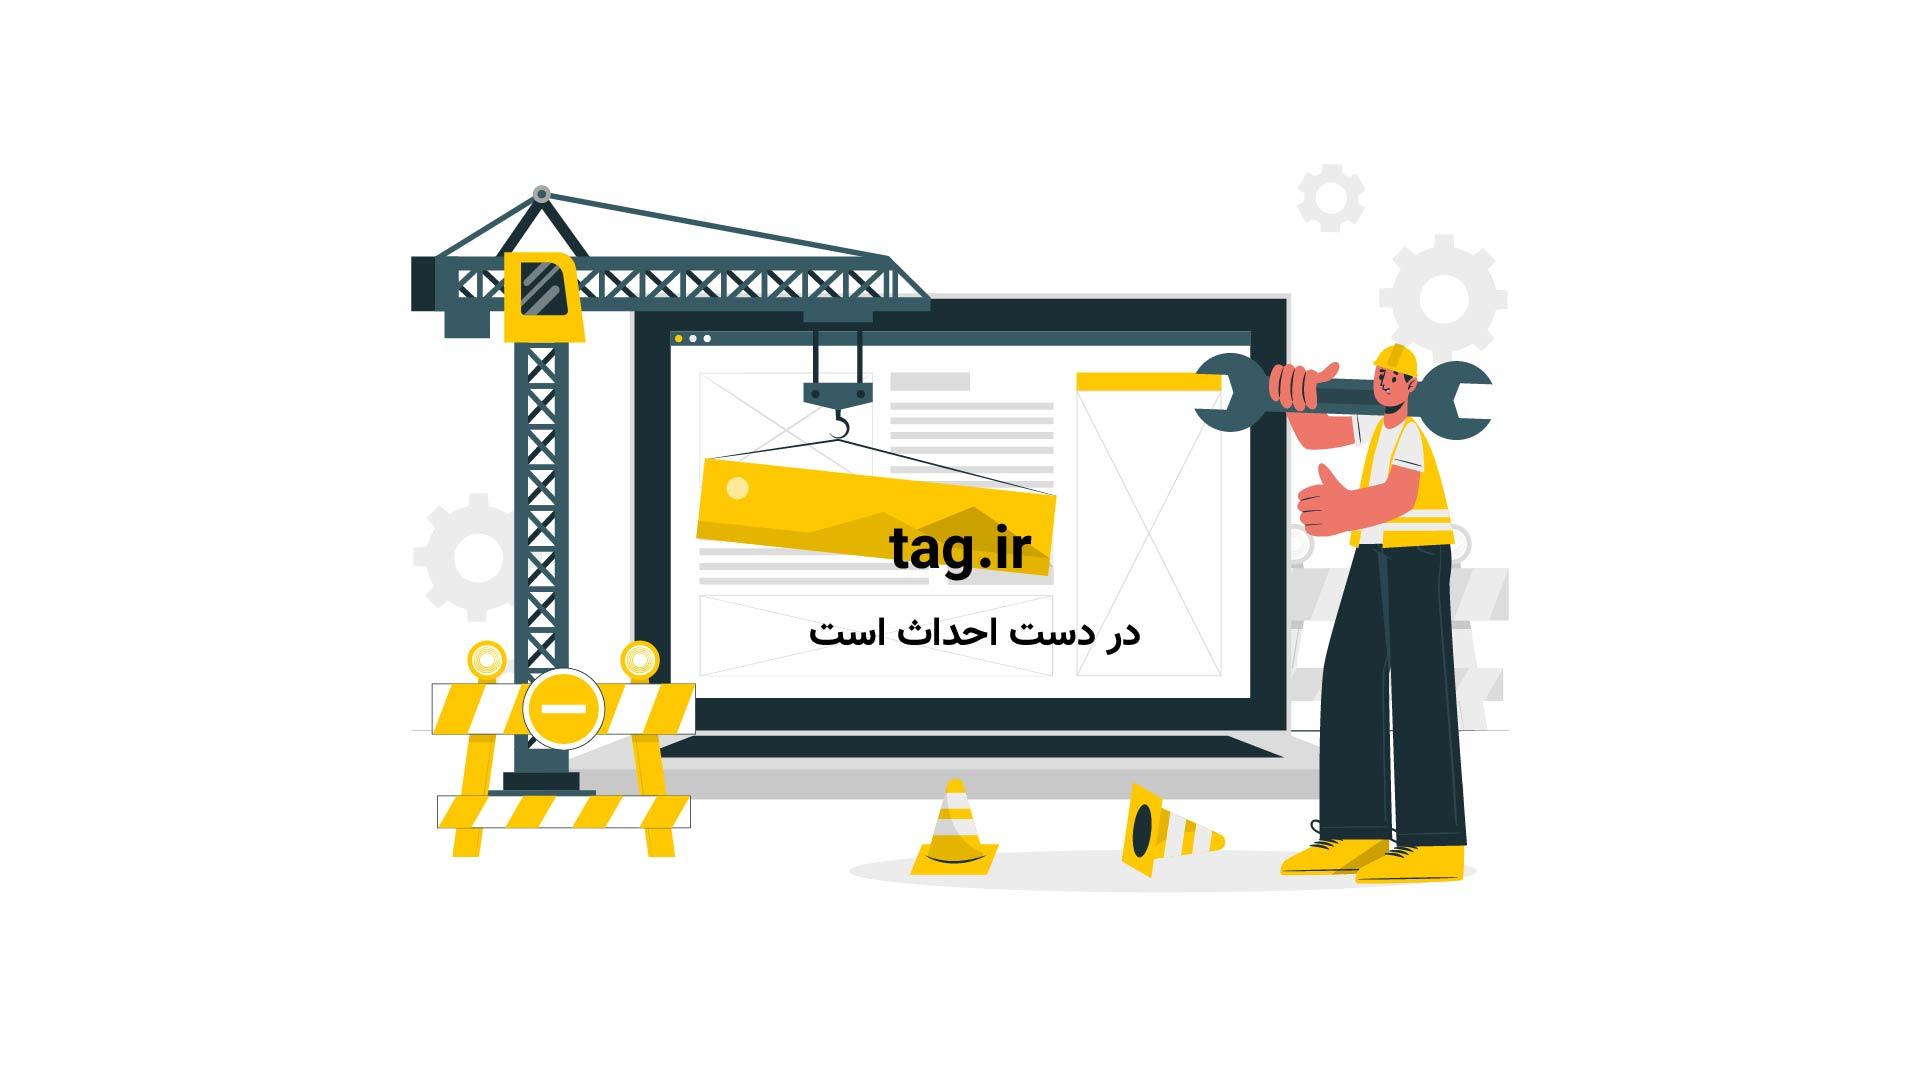 فیلم دلخراش دیده نشده و دردناک از انفجار عصر دیروز در حله عراق